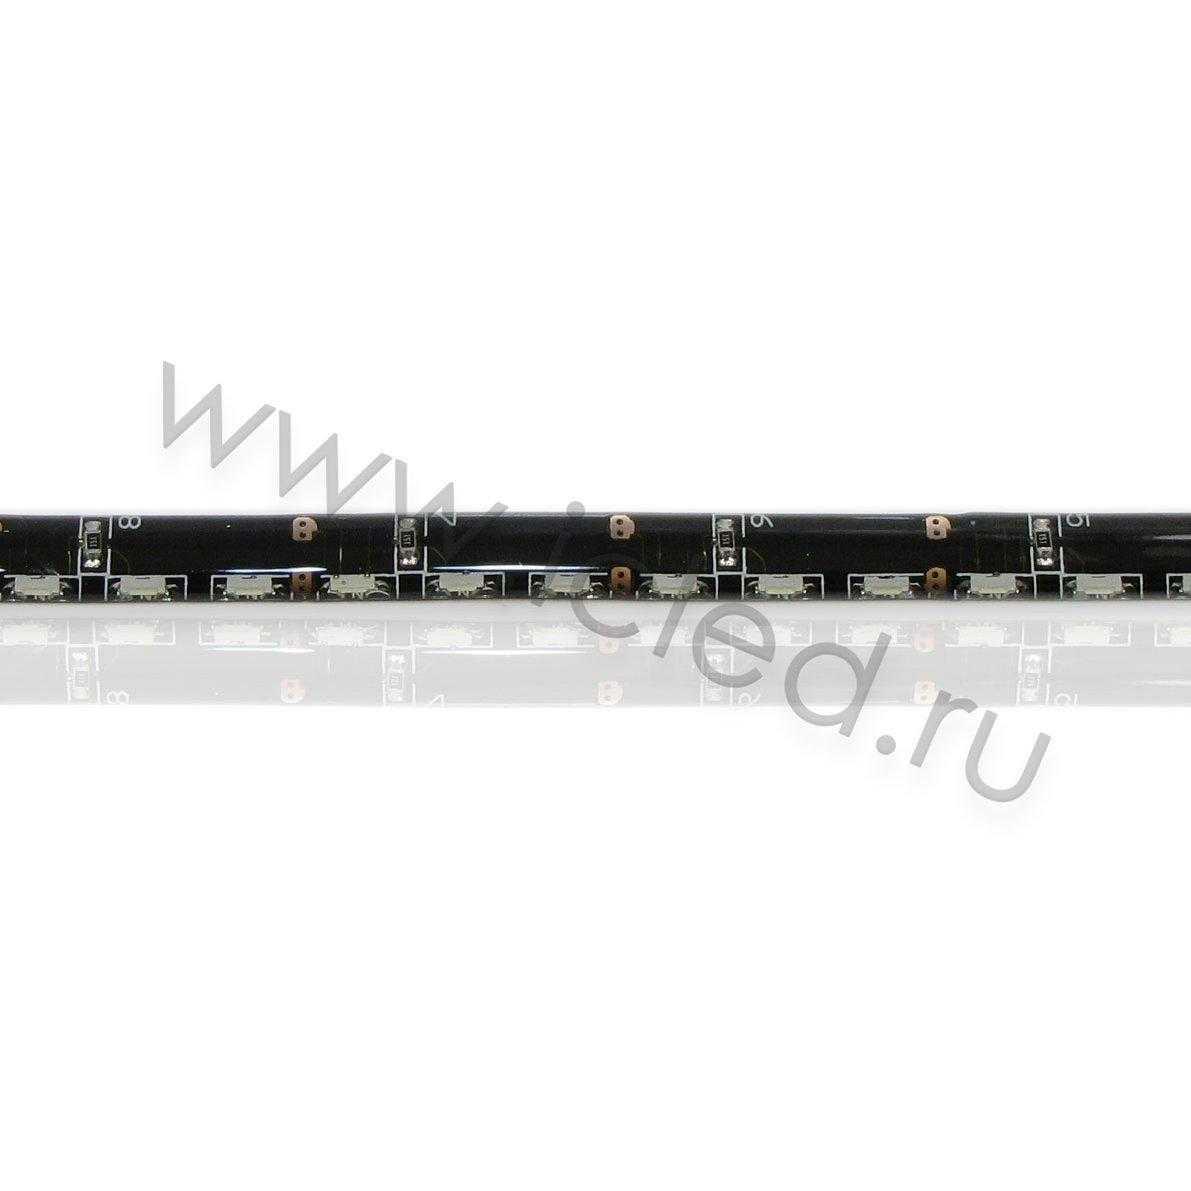 Светодиодная лента Class B, 335, 120 led/m, White,12V, IP65